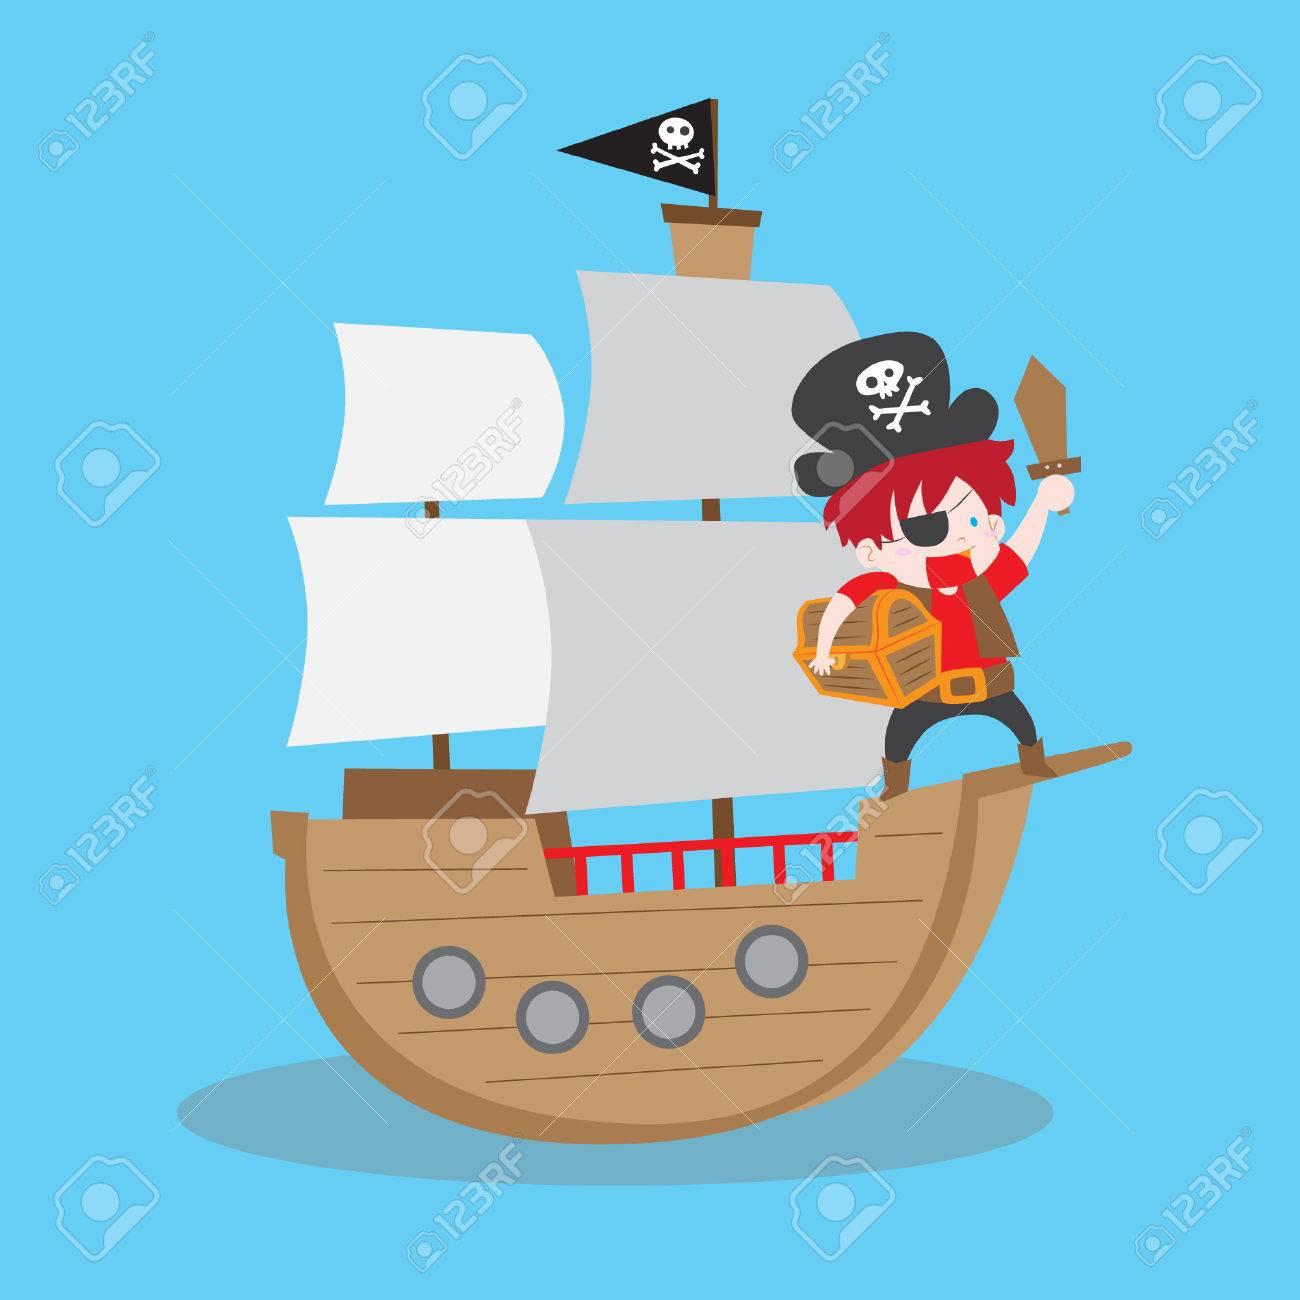 Foto de archivo - Ilustración vectorial de dibujos animados de un niño  pirata con el cofre del tesoro en un barco pirata a840d16c677